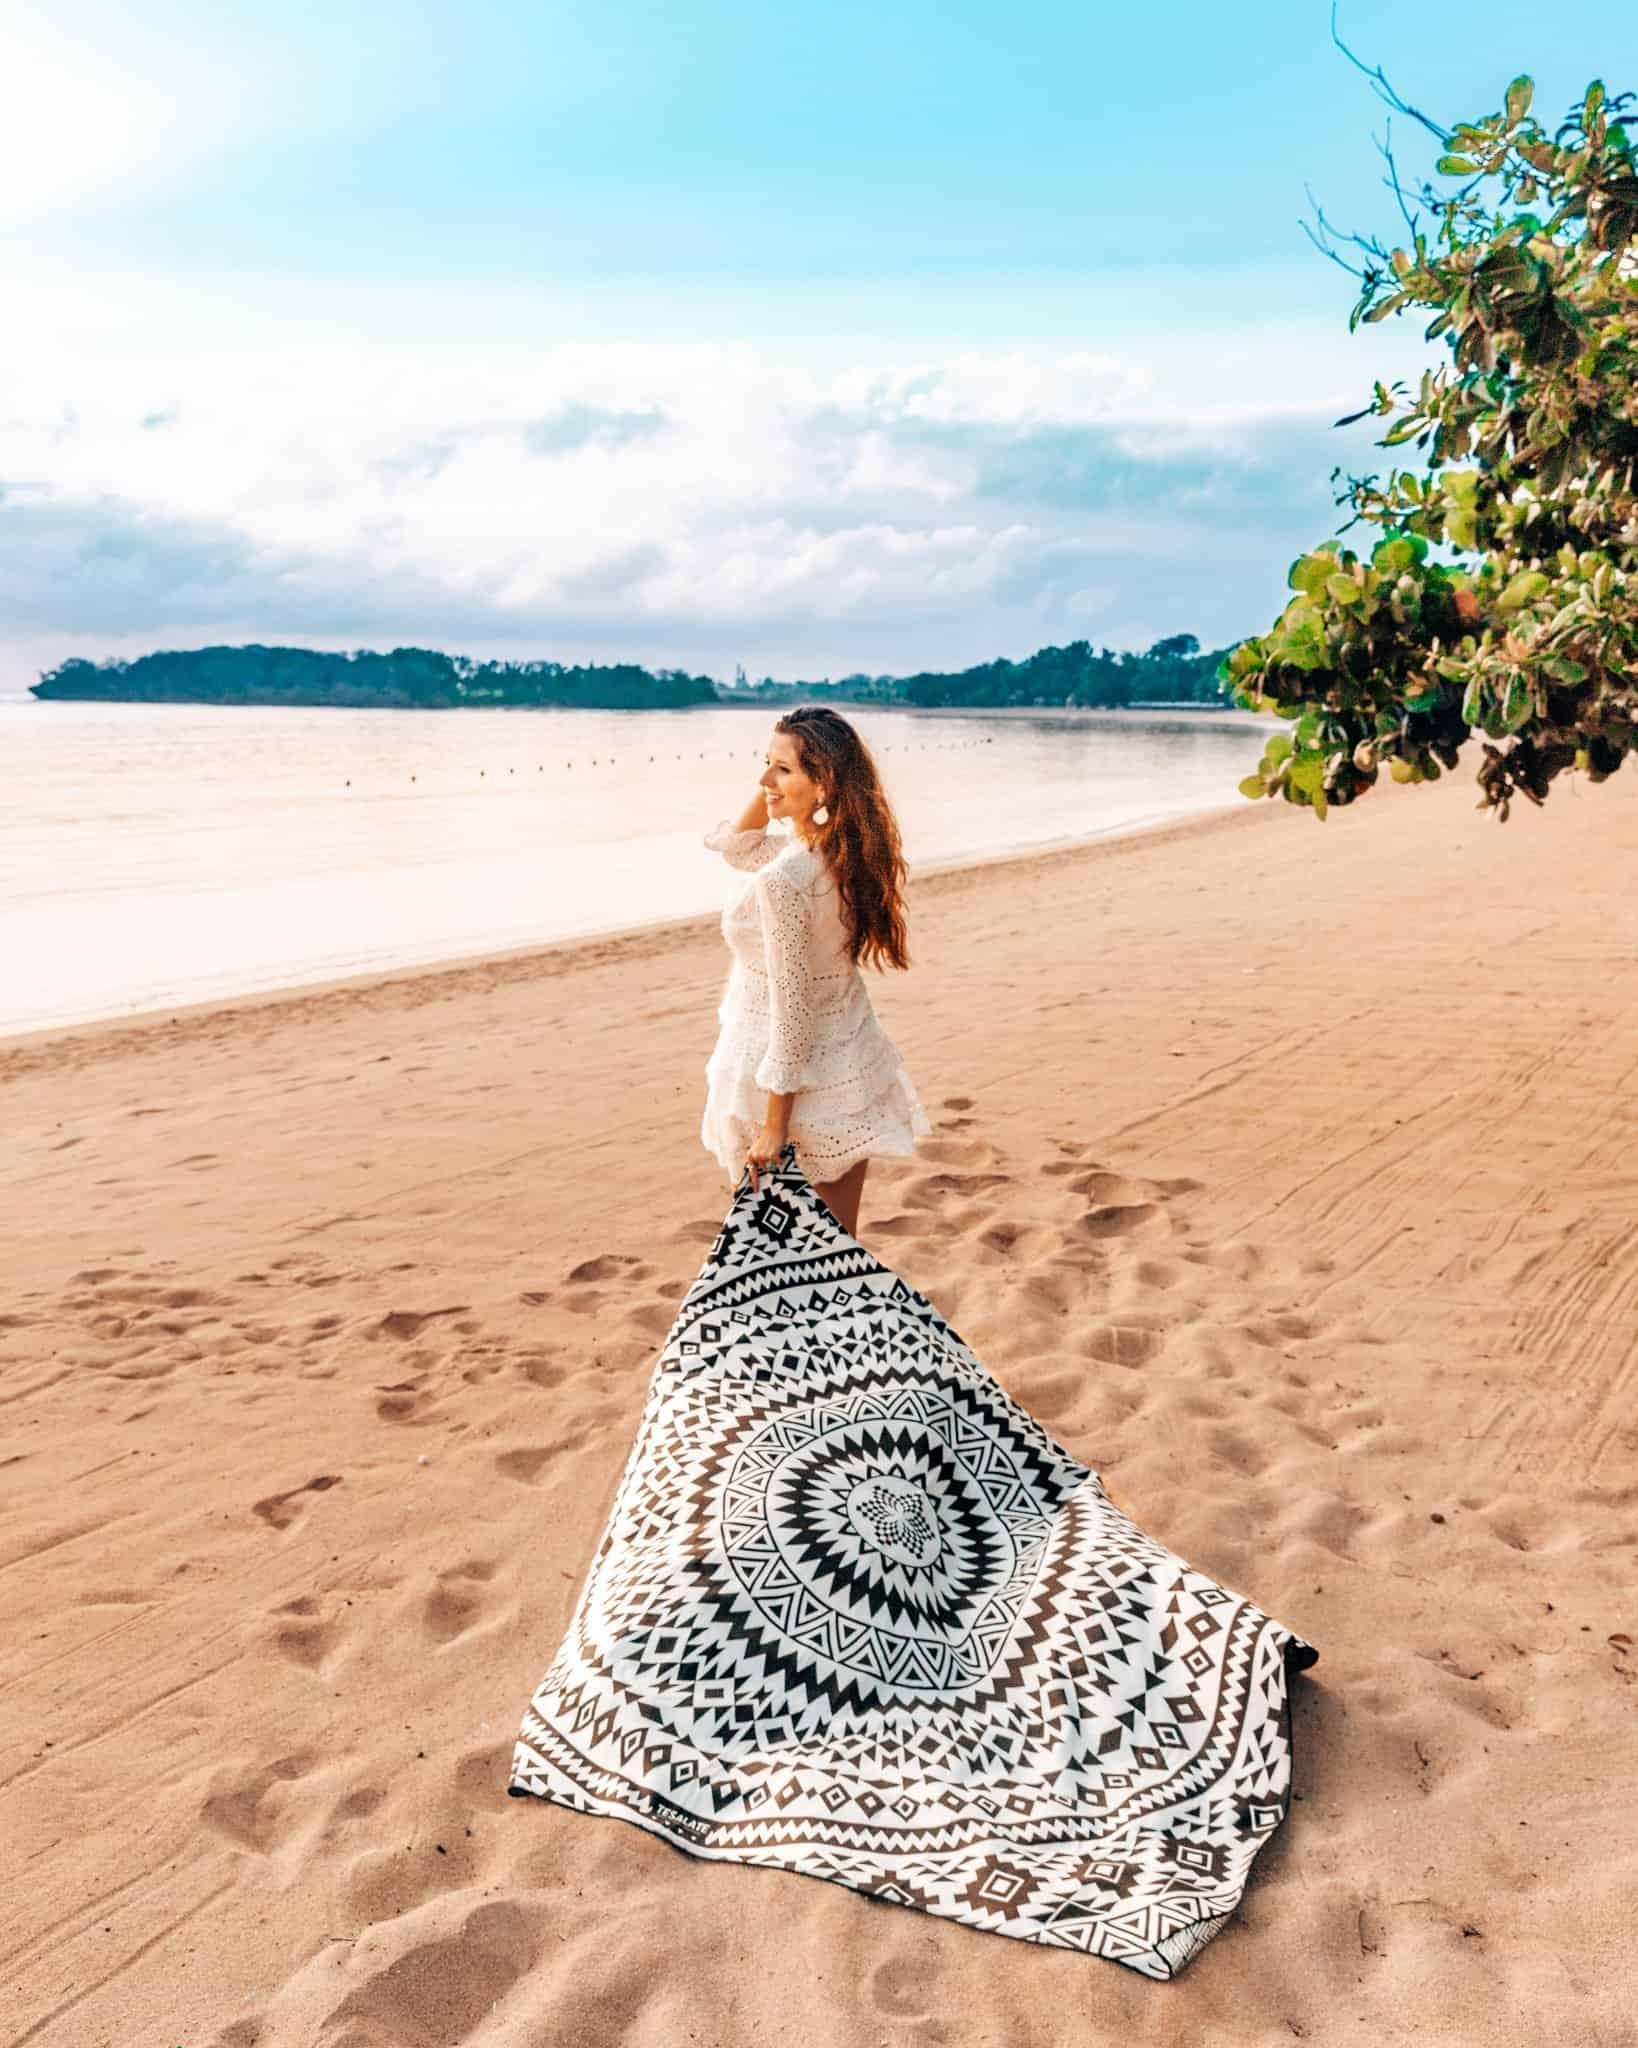 Morning Stroll at Nusa Dua Beach